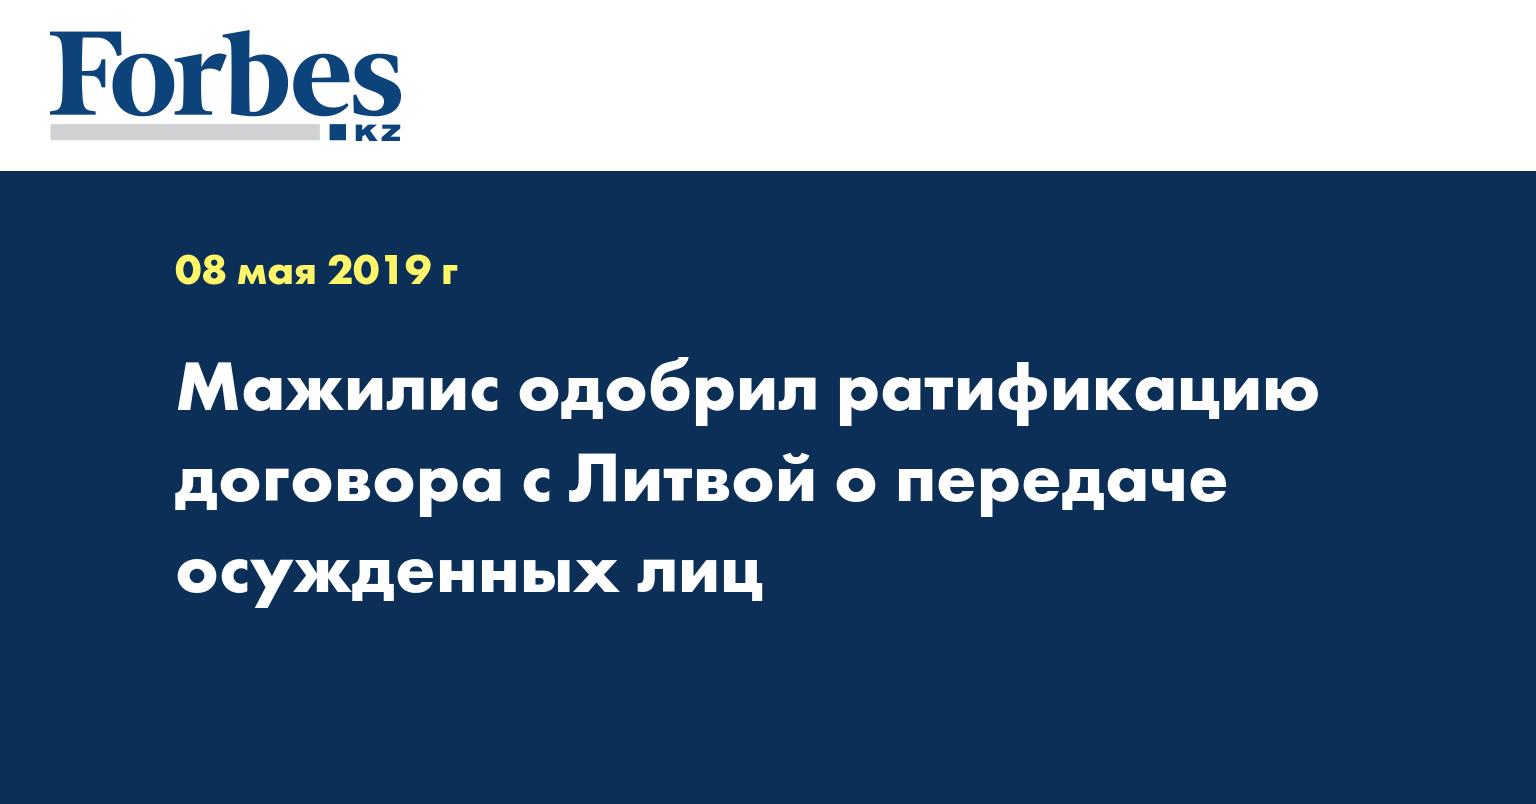 Мажилис одобрил ратификацию договора с Литвой о передаче осужденных лиц